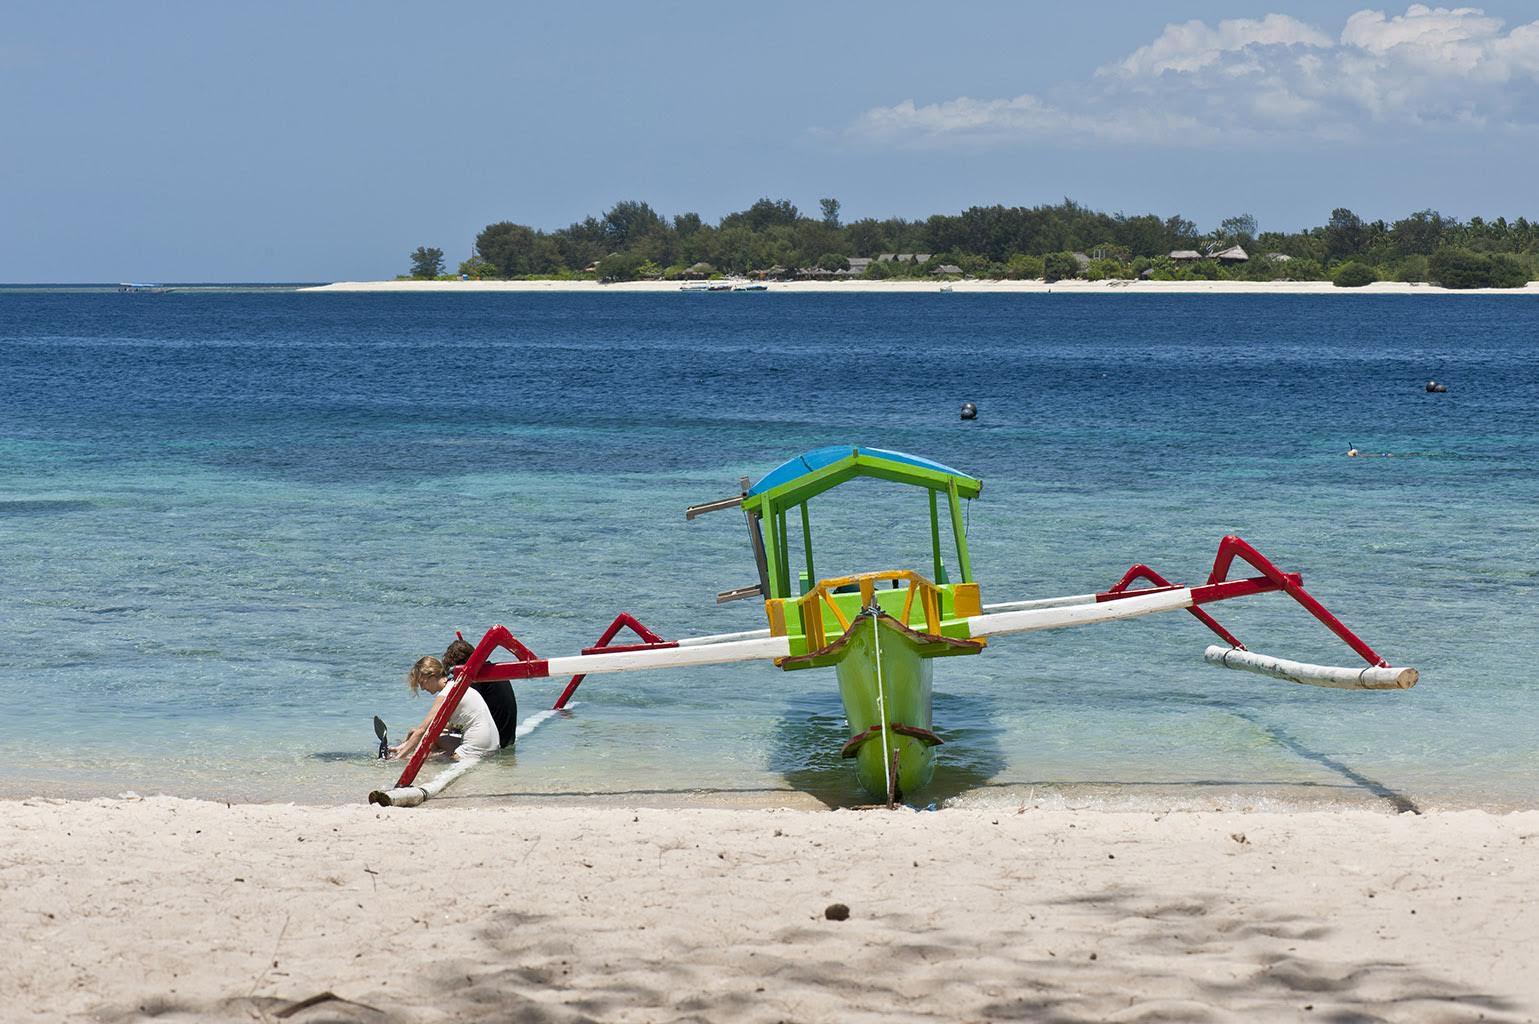 Propriété touristique à vendre en Indonésie (Gili Meno)